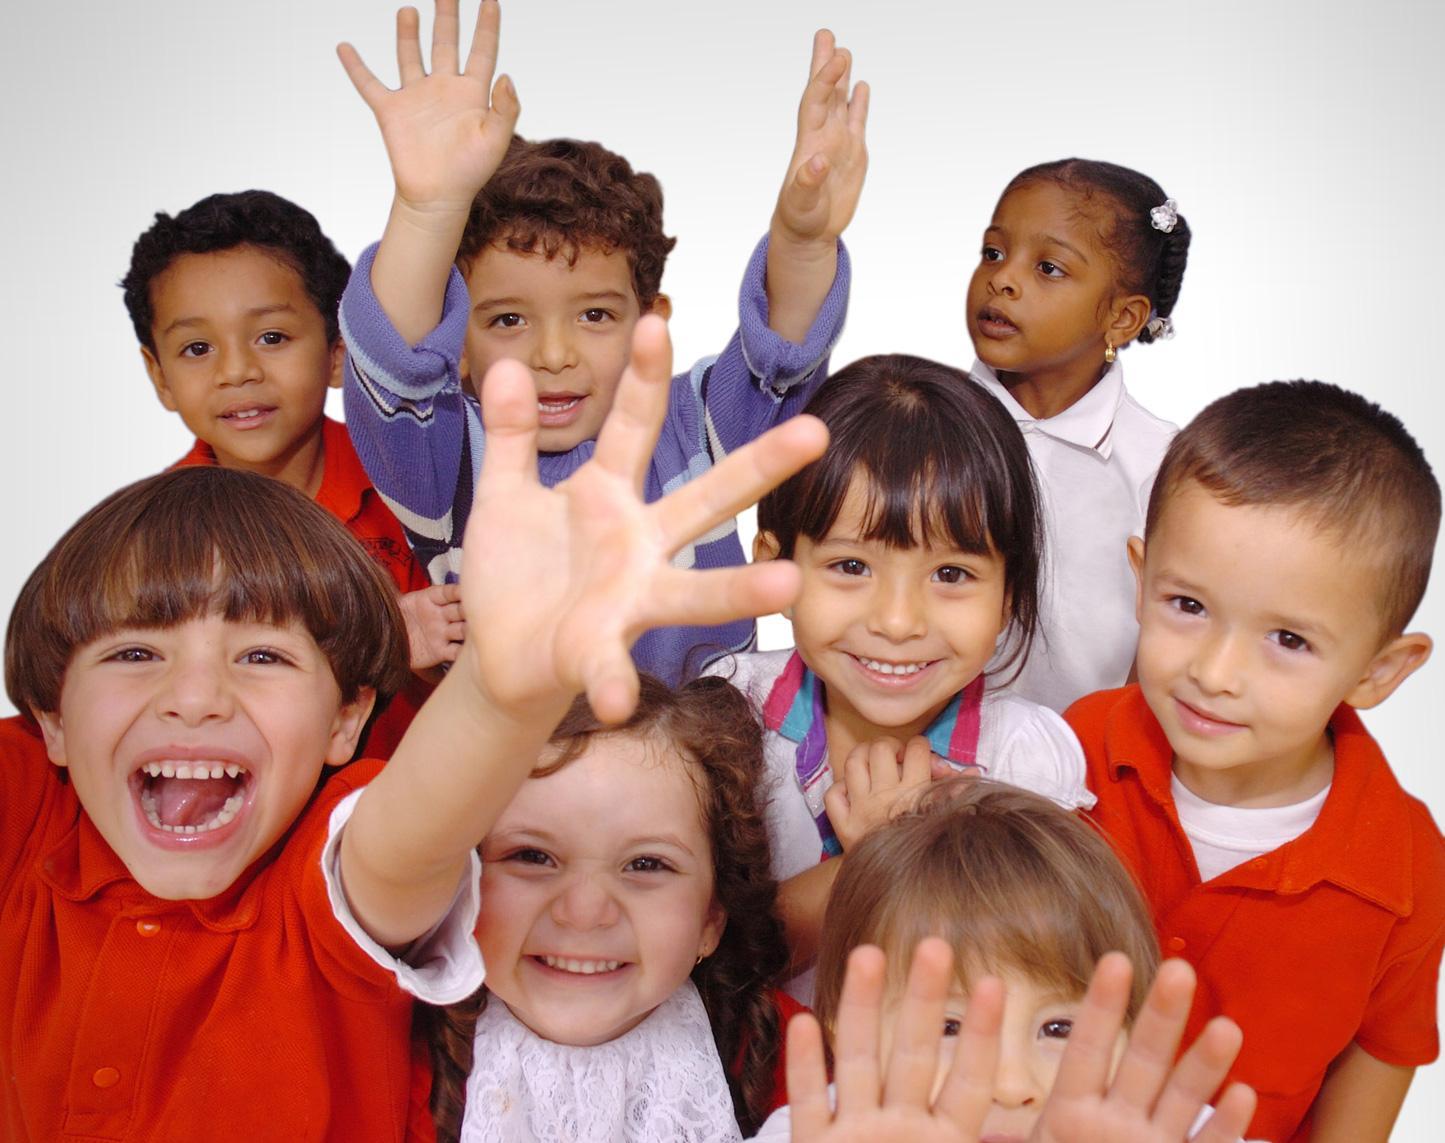 5 Reasons To Teach Team Spirit To Children